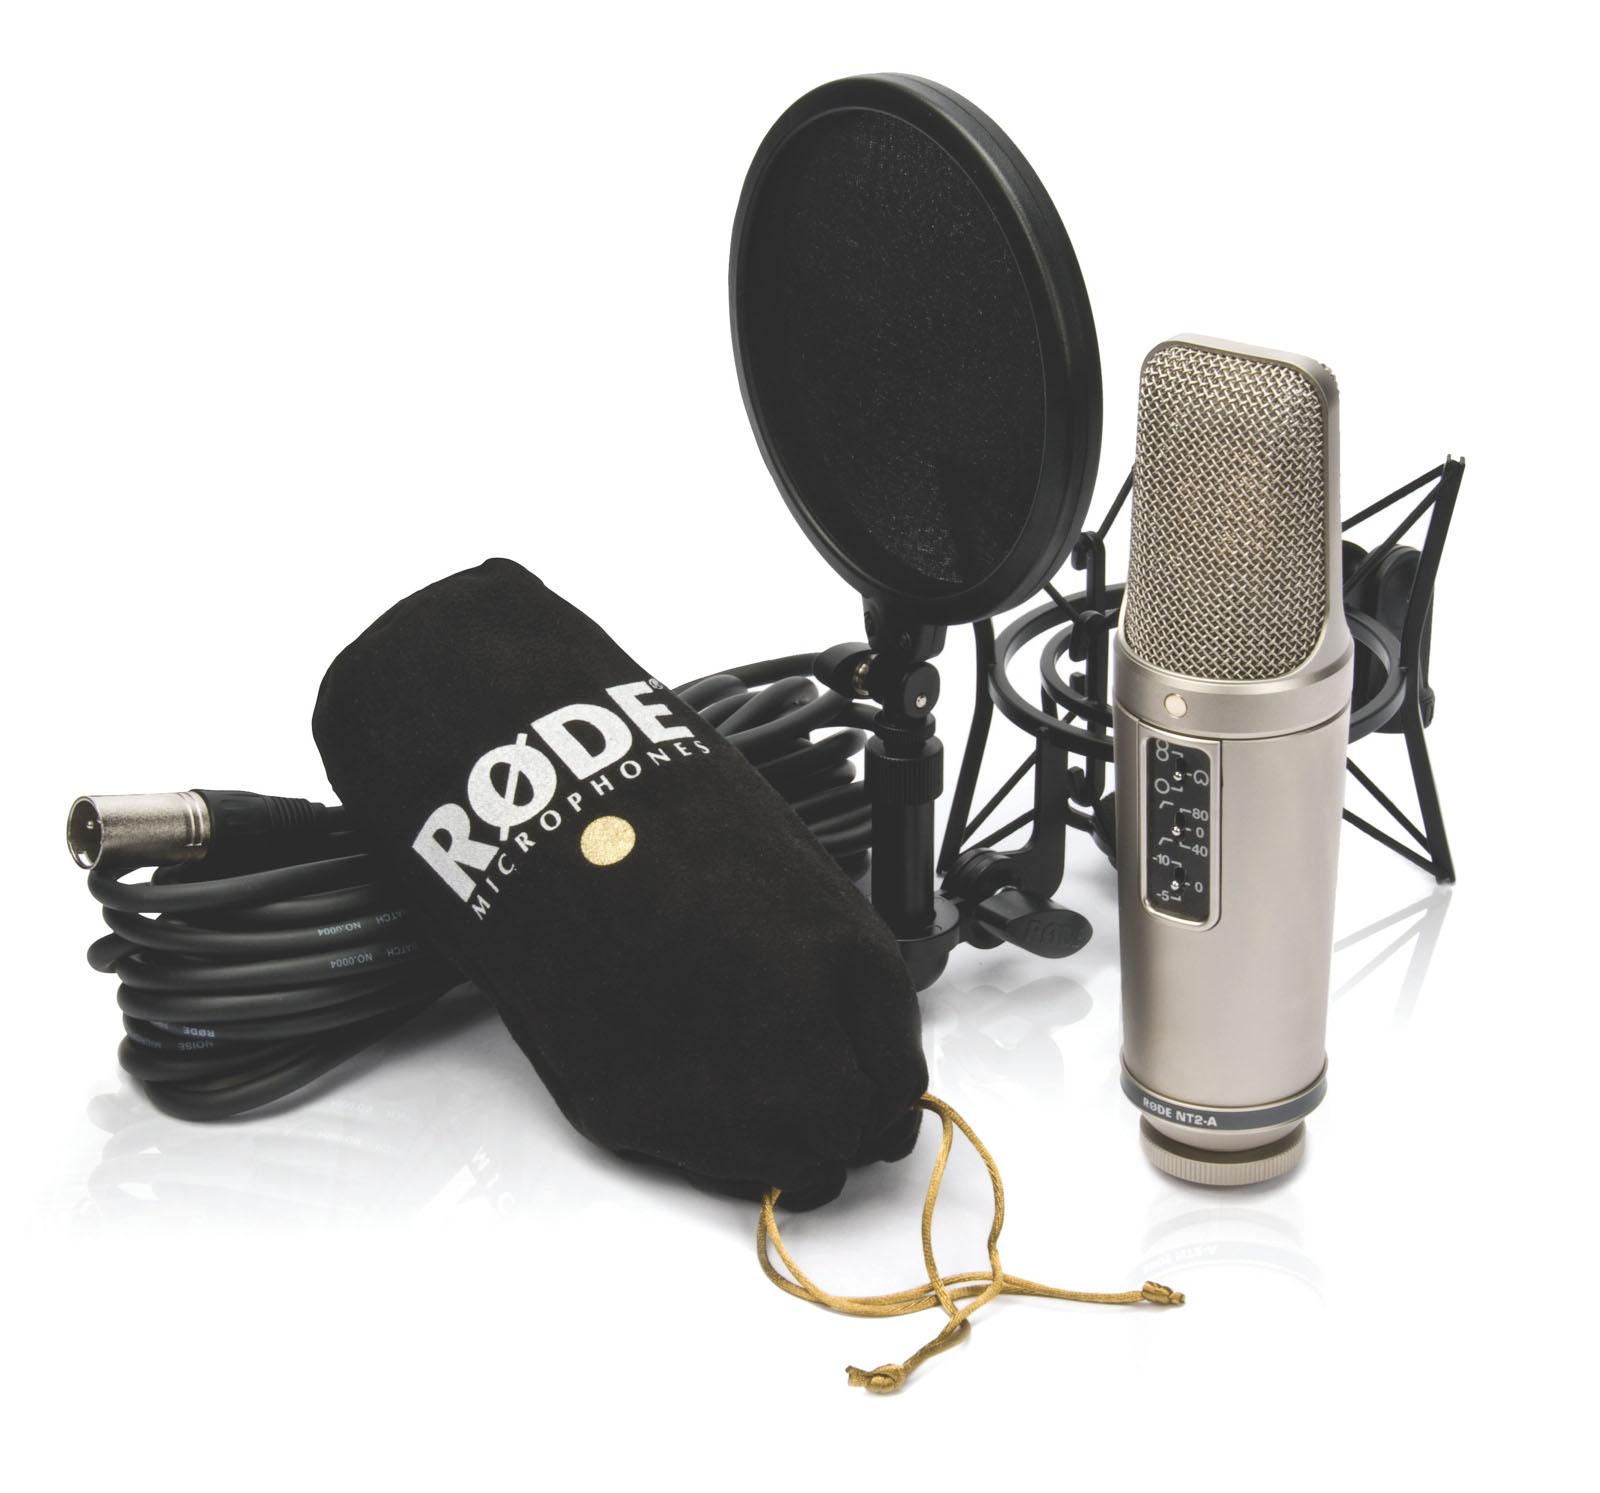 уличный микрофон